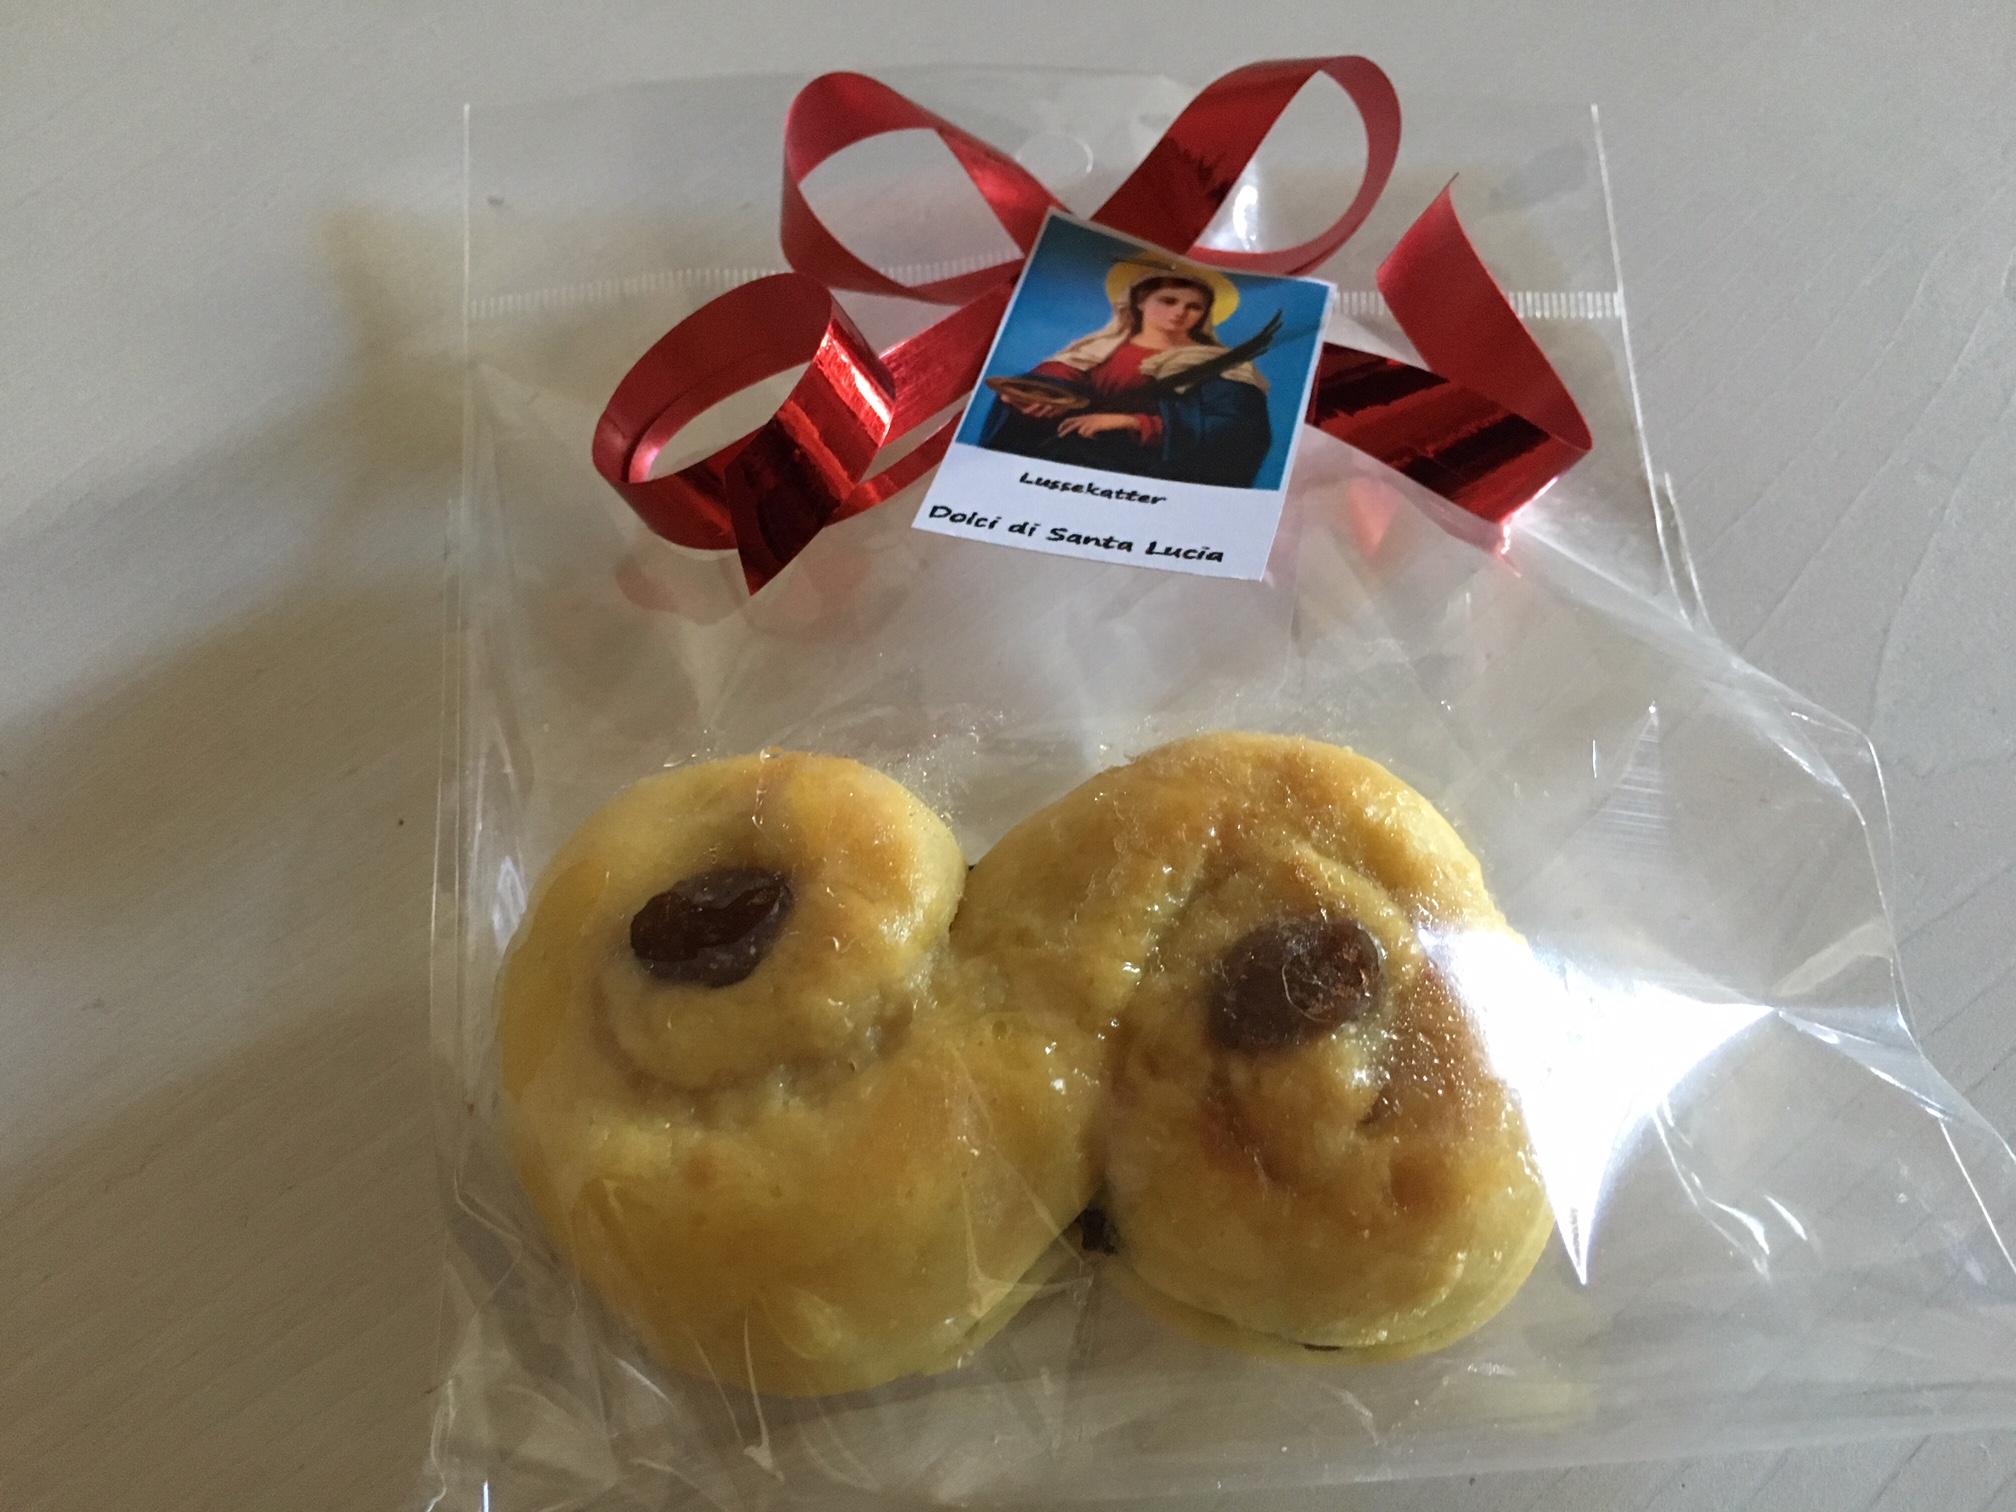 I dolci di Santa Lucia (foto di Germana Cabrelle)